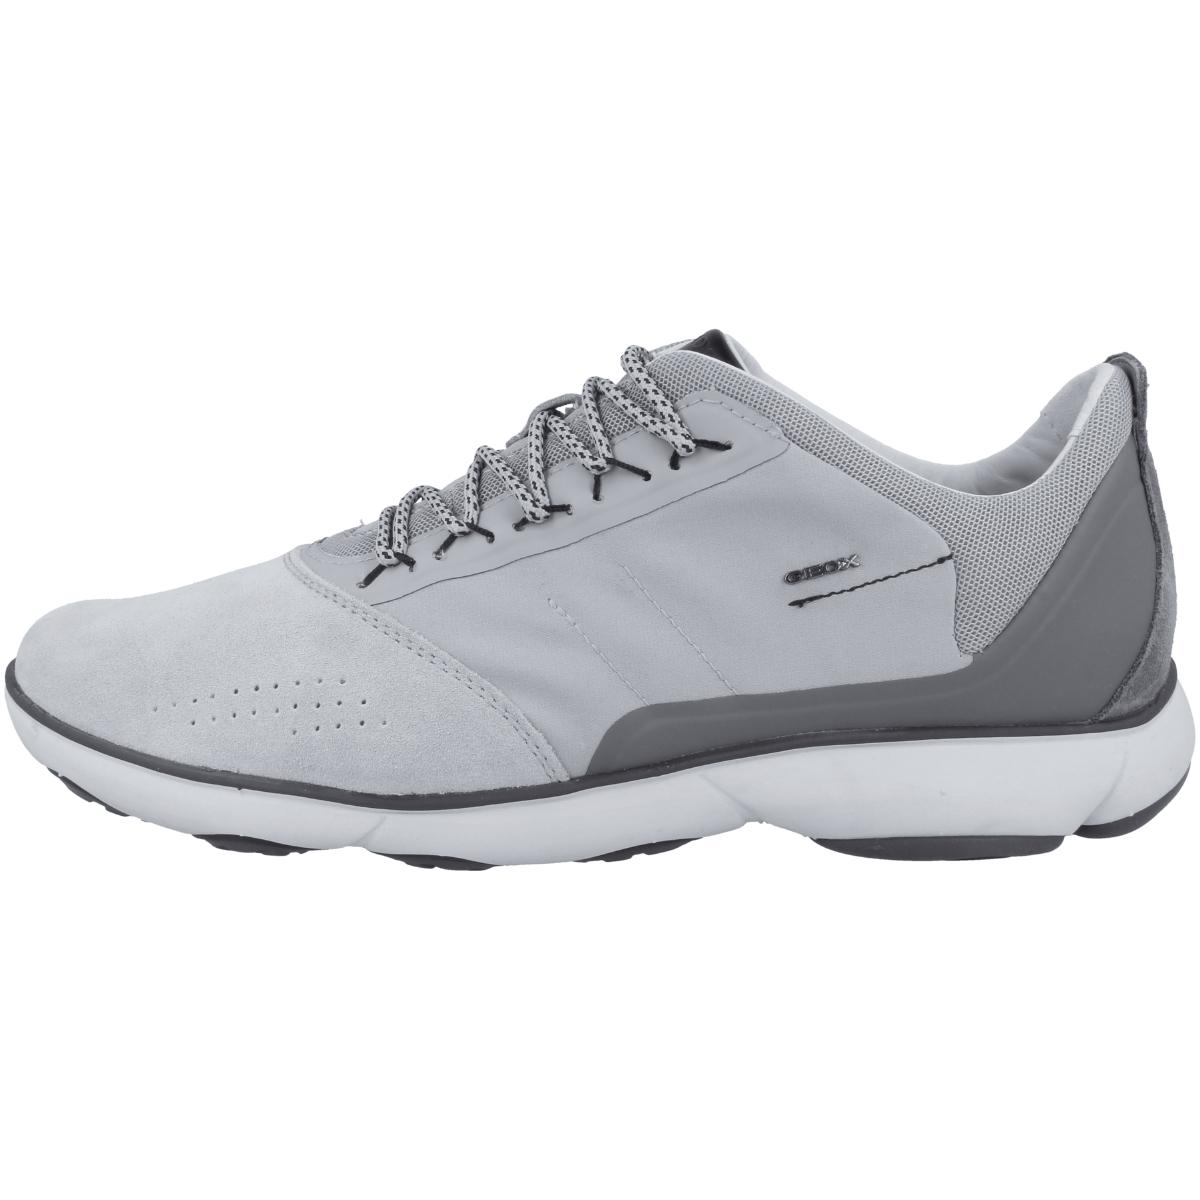 Geox Schuhe NEBULA blau Herrenschuhe sportliche Slipper U54D7B 01122 C4072 NEU